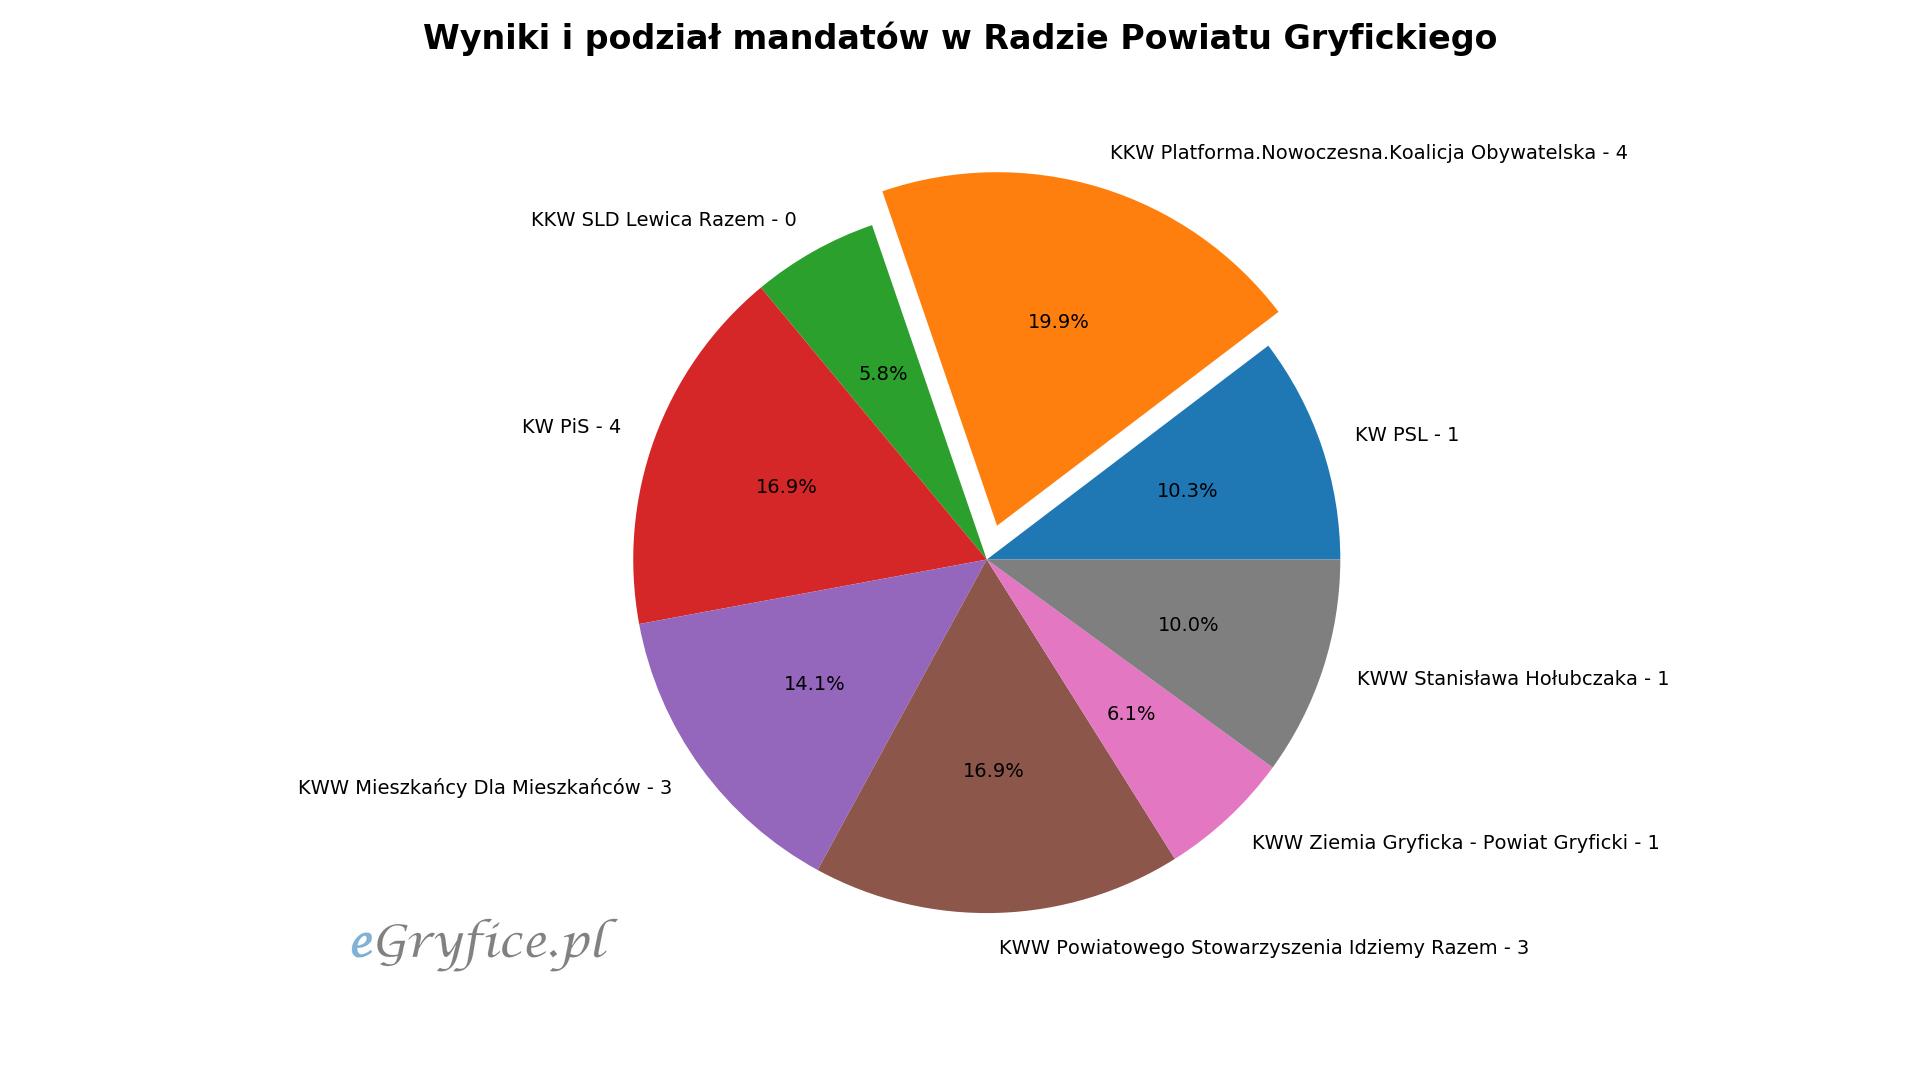 Podział mandatów w Radzie Powiatu Gryfickiego, wyniki wyborów samorządowych 2018